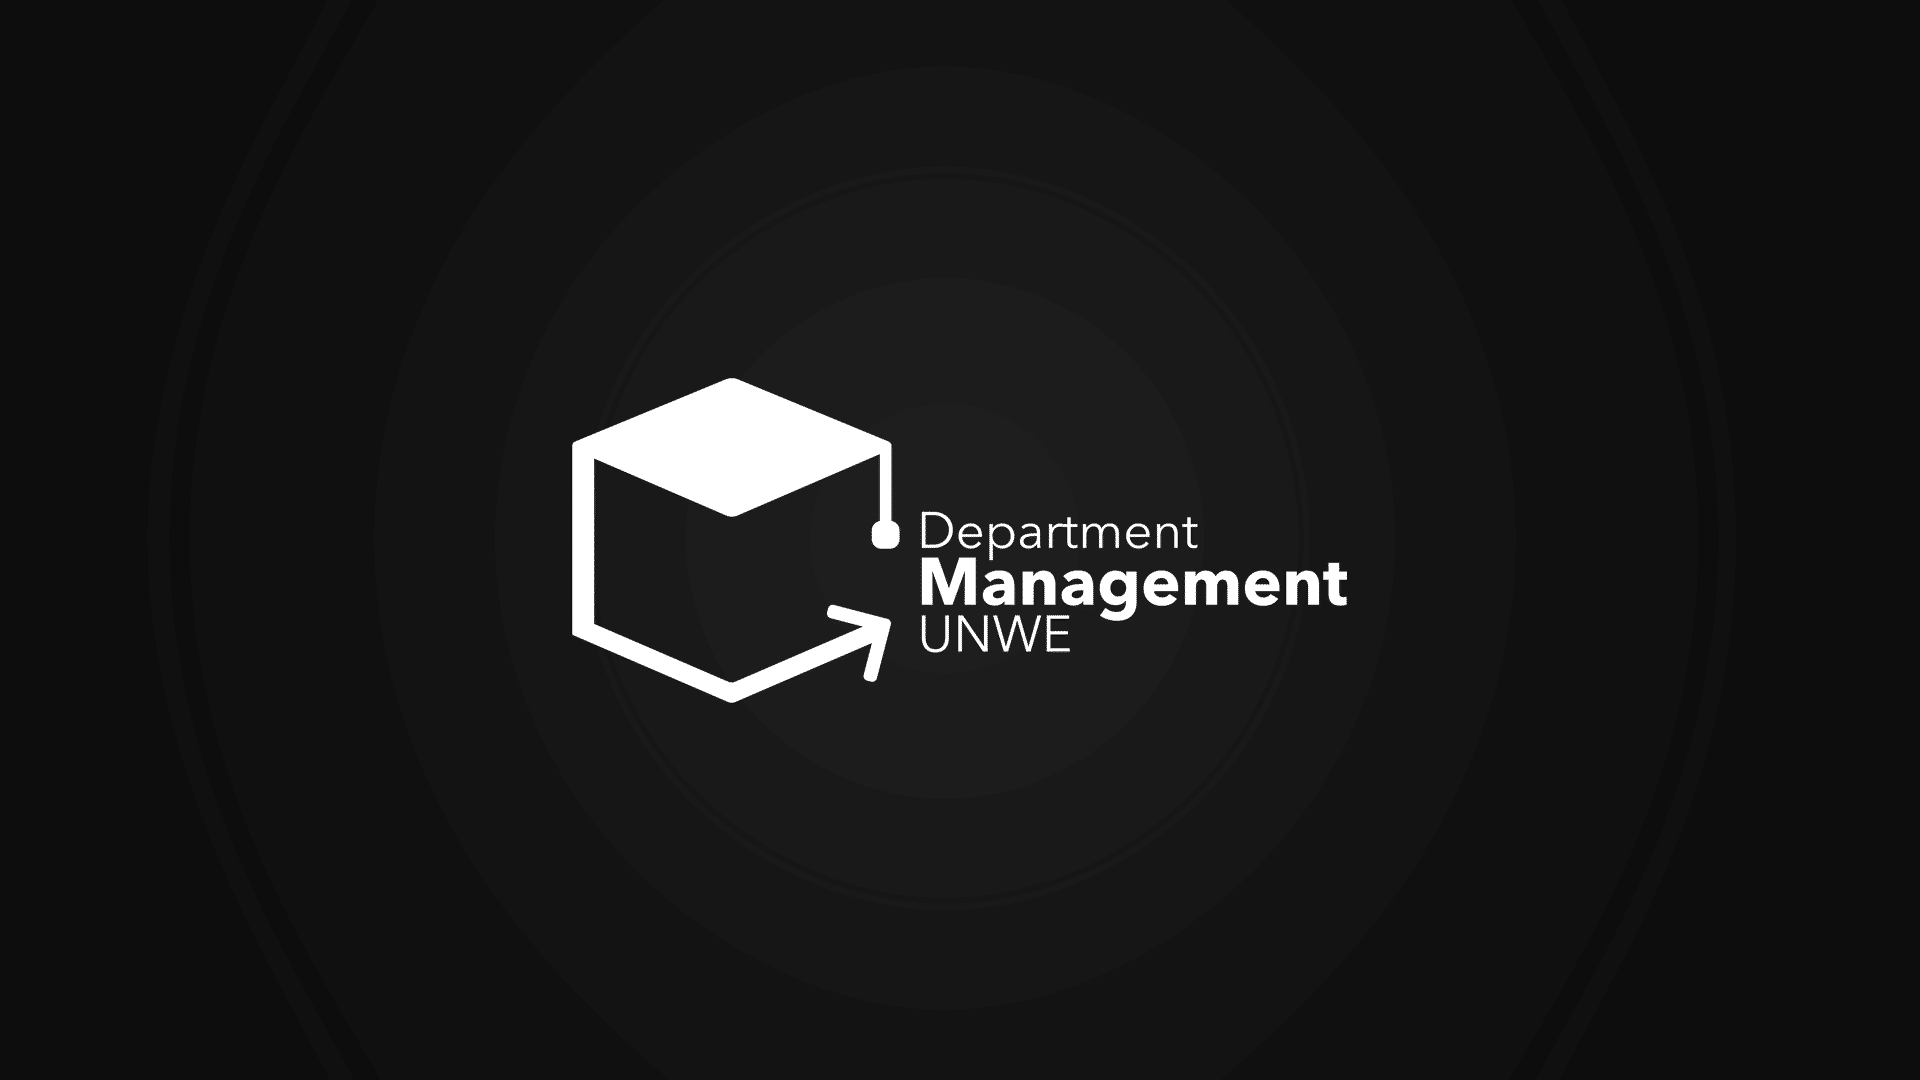 UNWE department Management logo / УНСС Катедра Управление